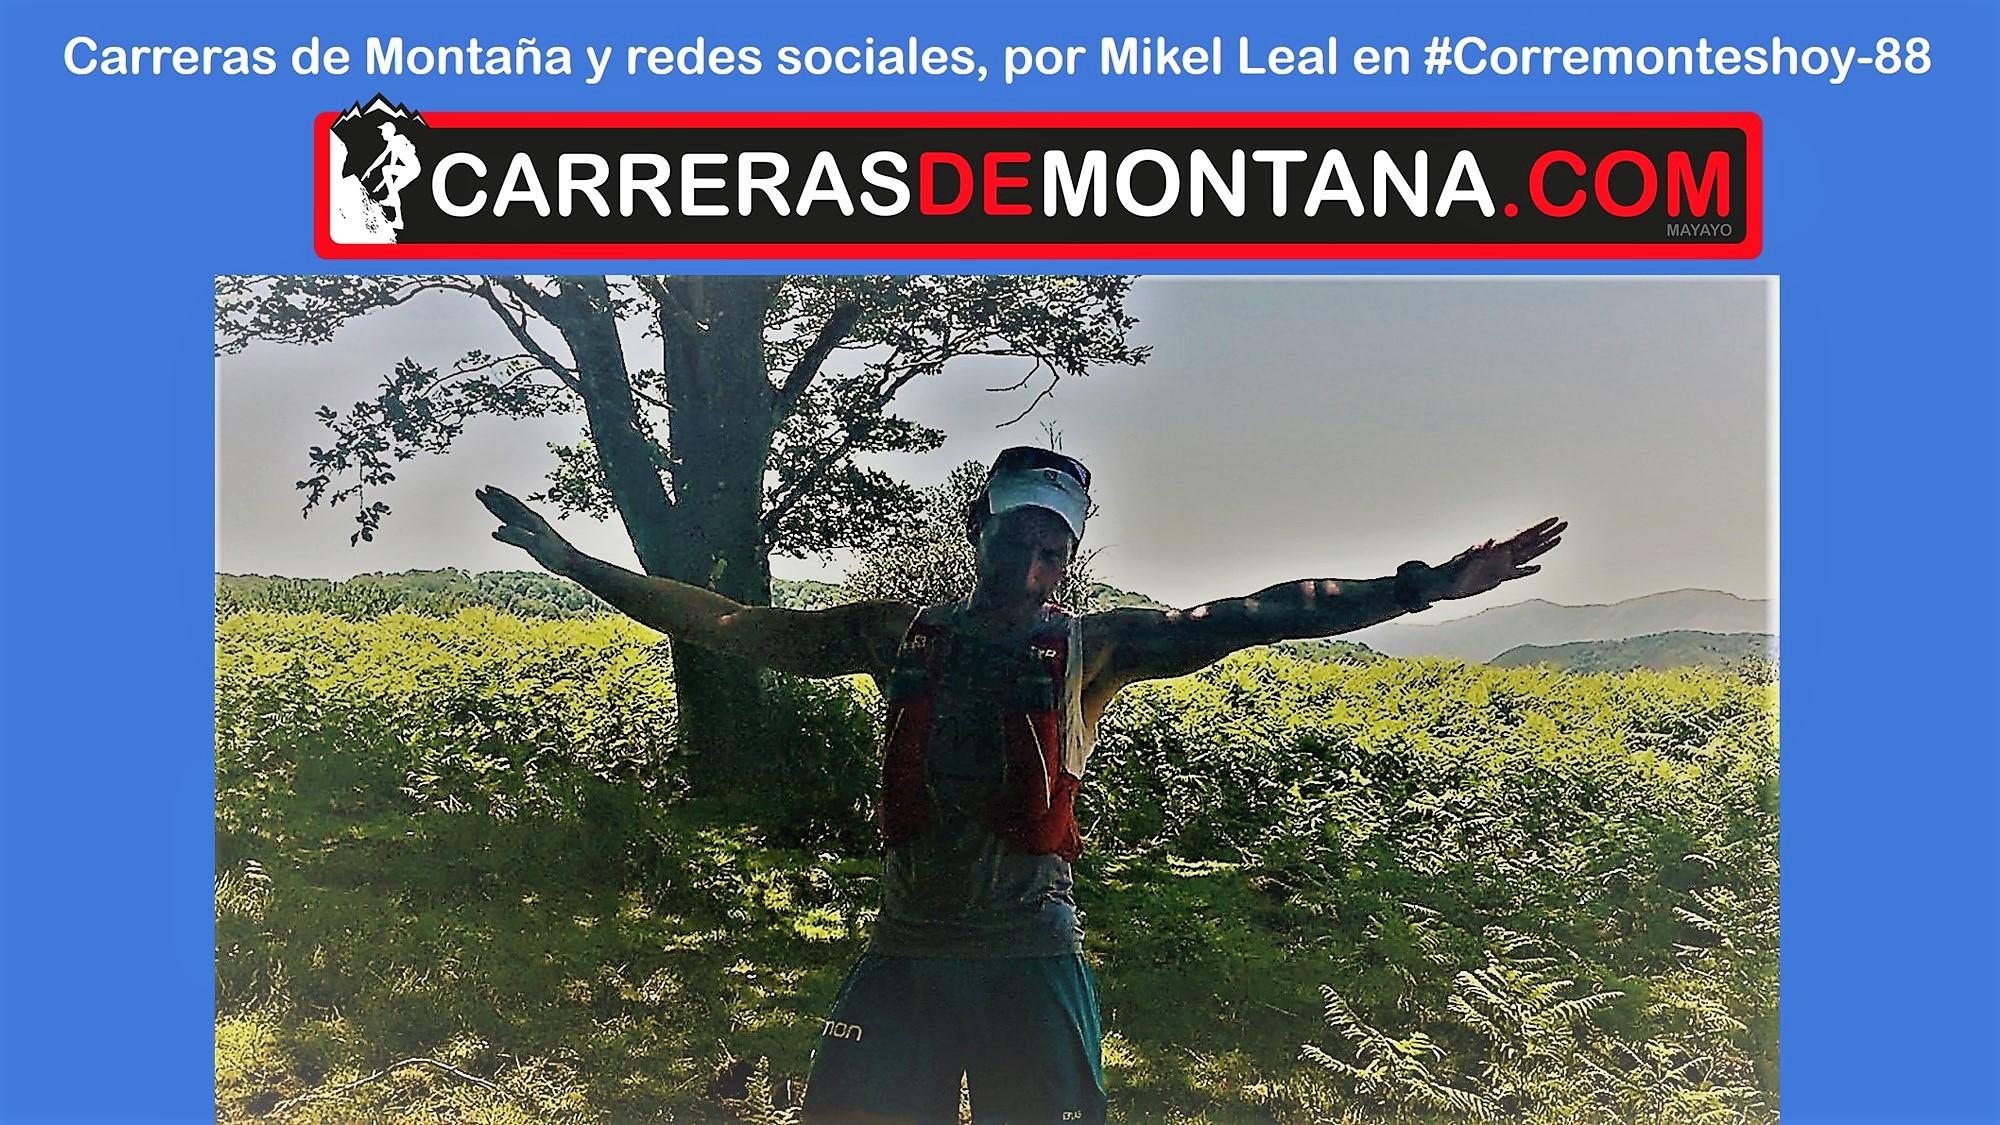 Carreras de montaña y redes sociales, por Mikel Leal en #Corremonteshoy-88